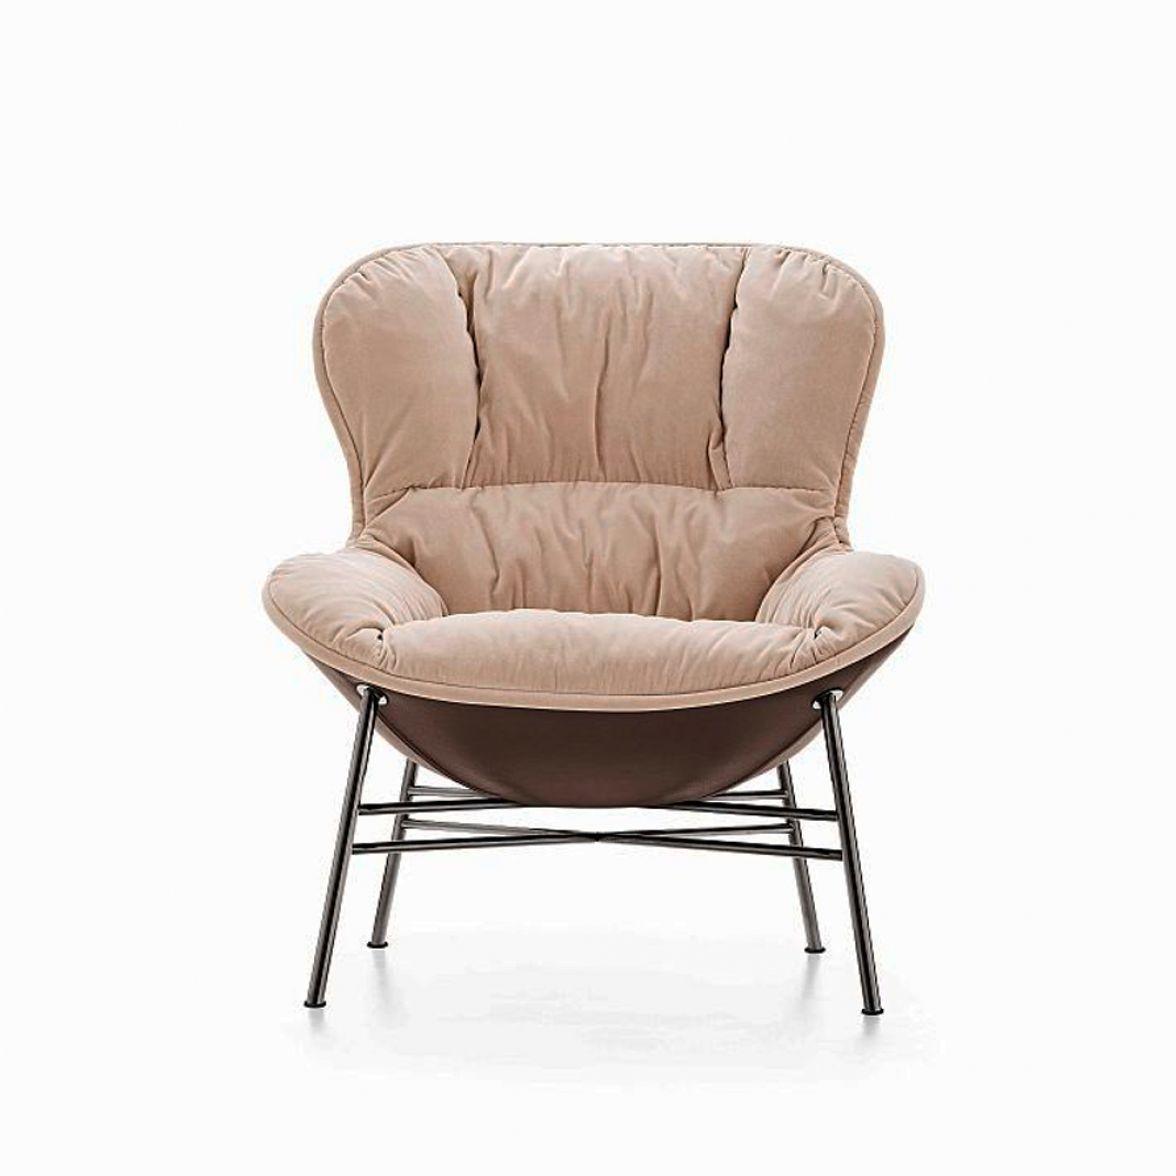 SOFTY armchair